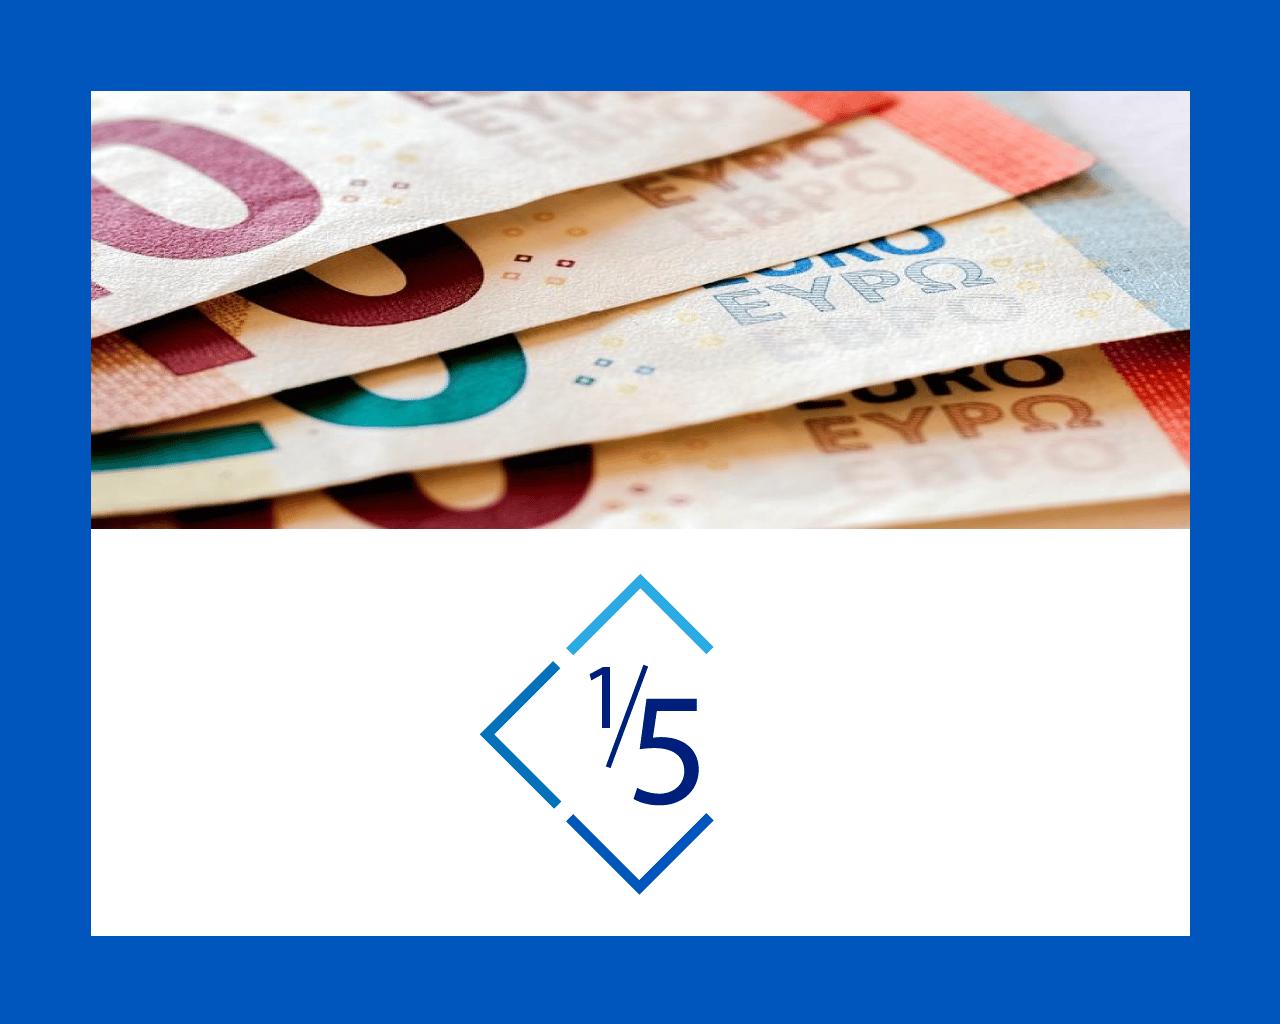 Sai perché conviene fare un prestito con cessione del quinto?